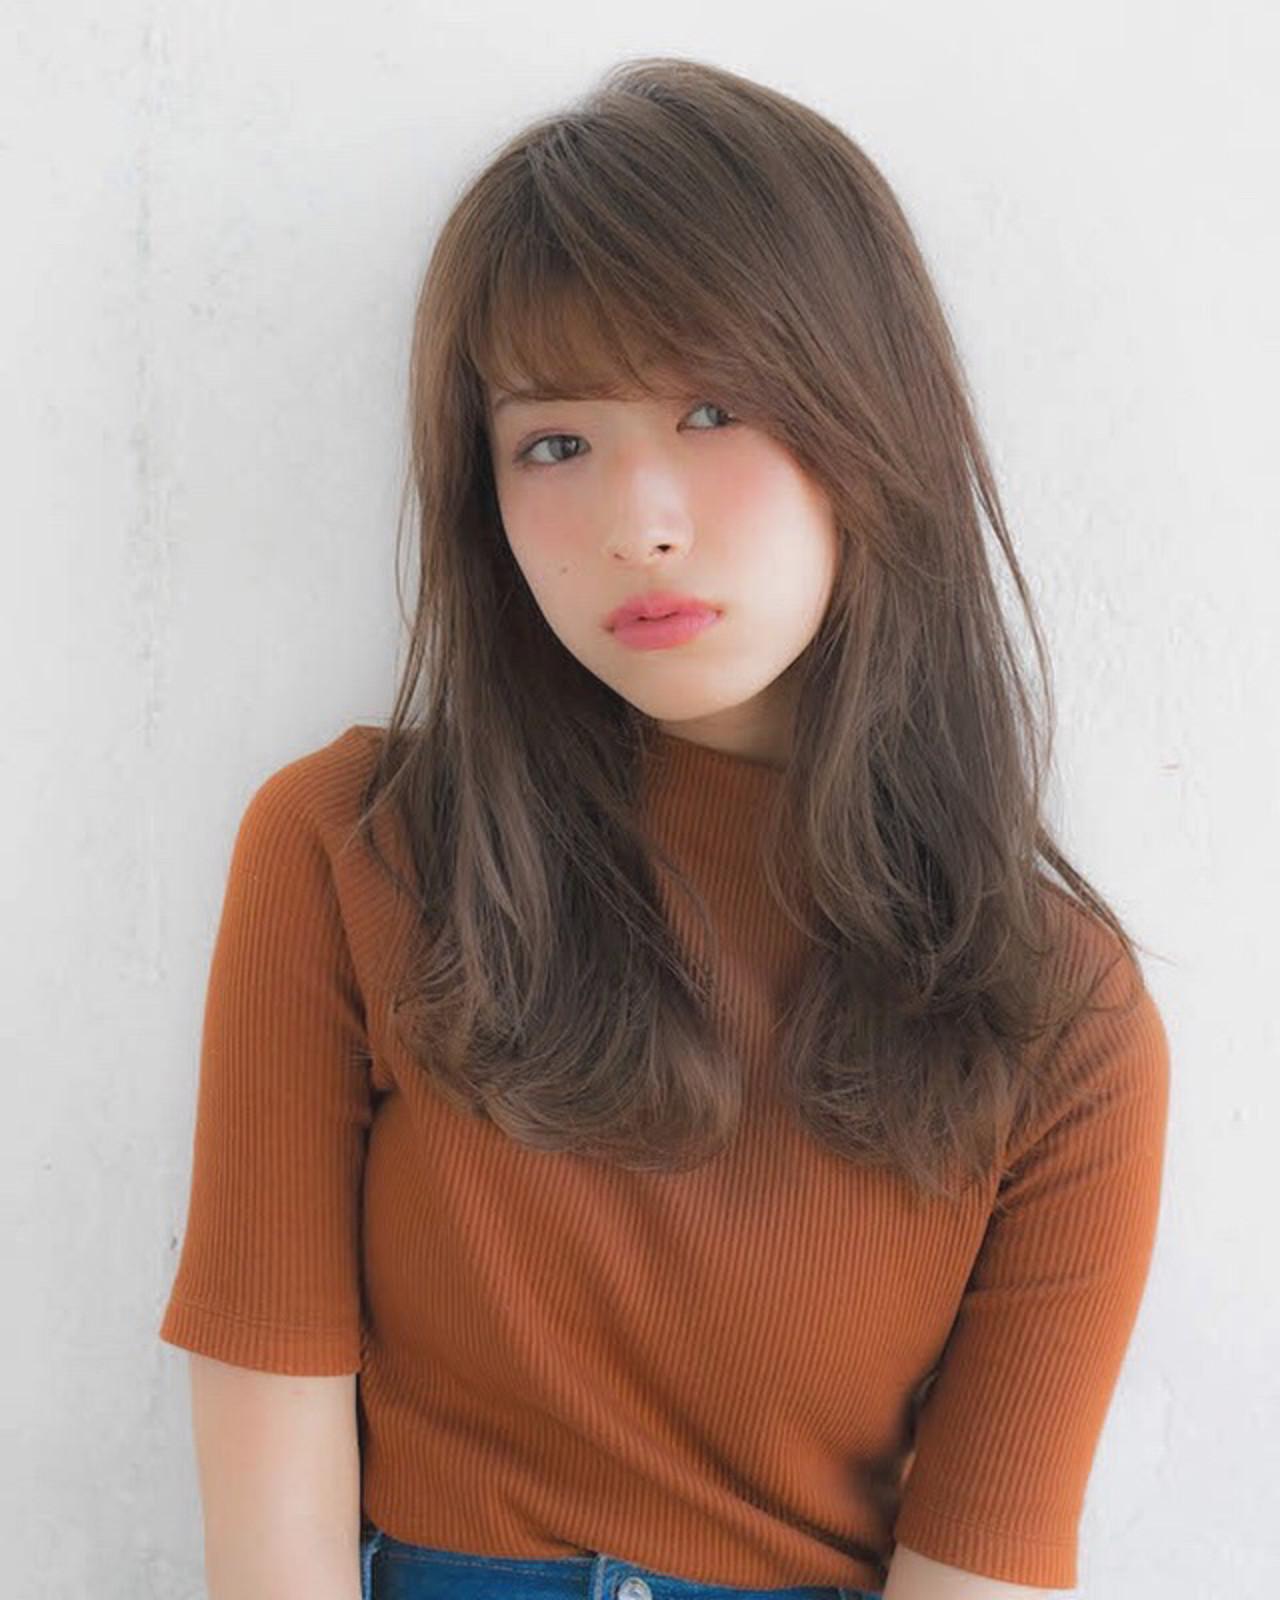 前髪 大人かわいい グレージュ アンニュイほつれヘア ヘアスタイルや髪型の写真・画像